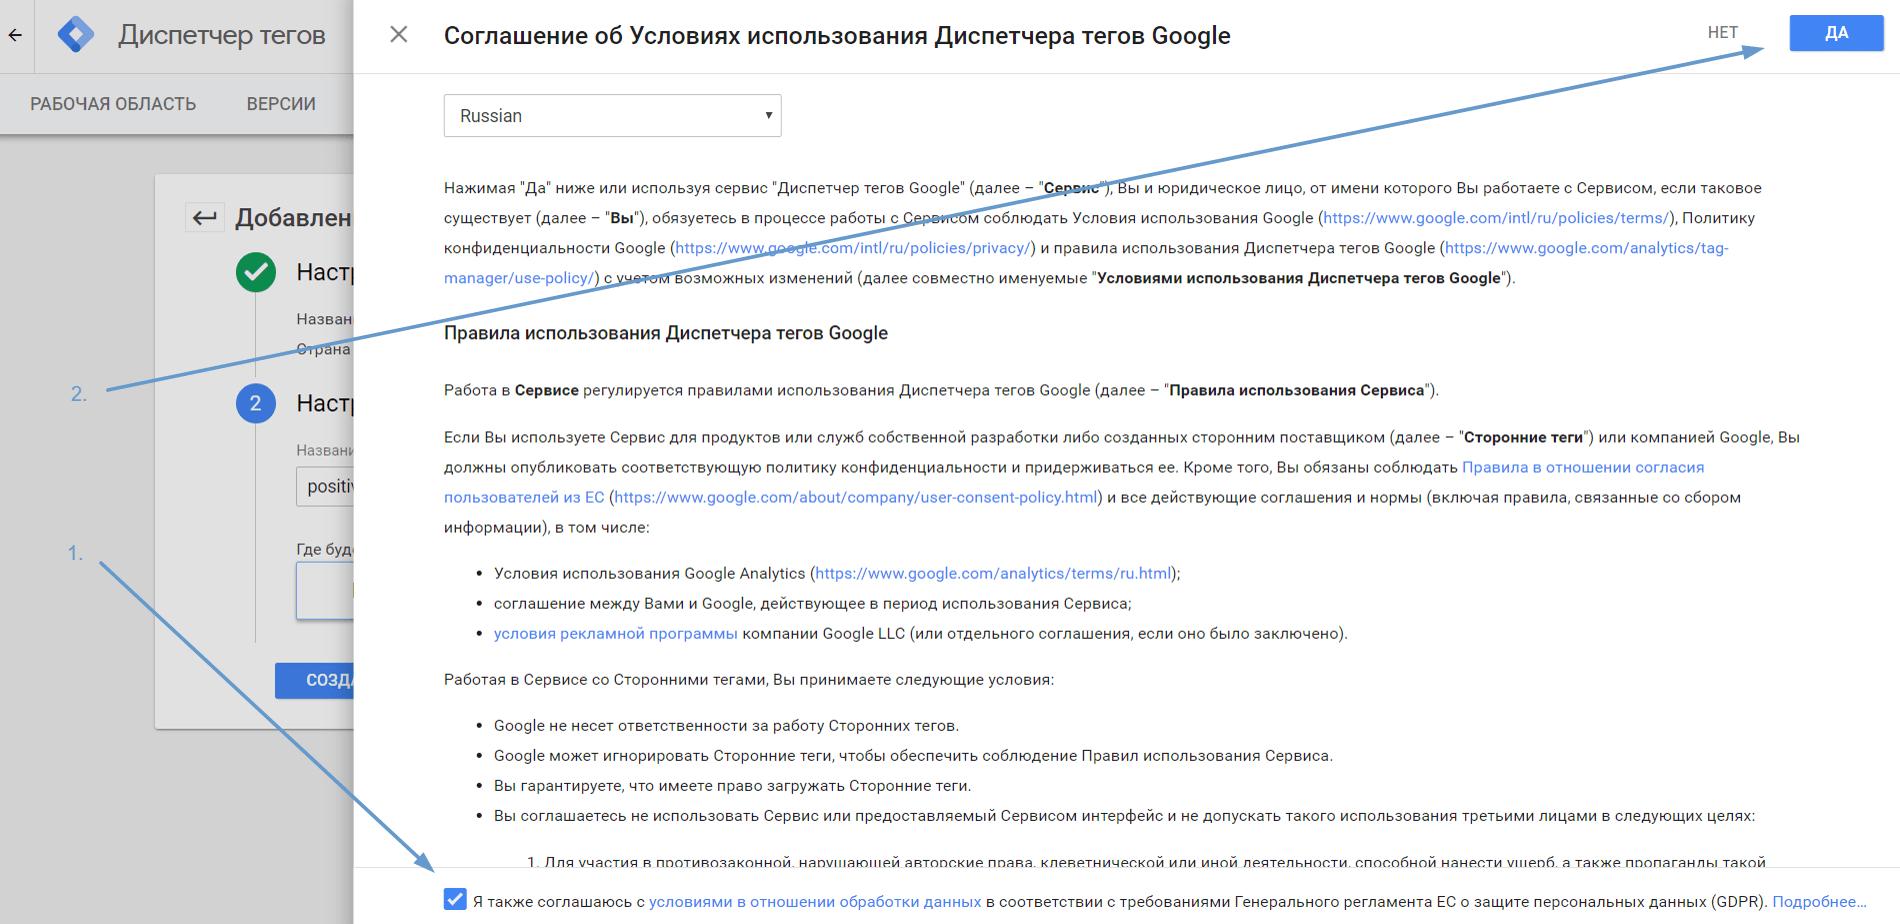 screenshot6 - Яндекс Метрика через Google Tag Manager